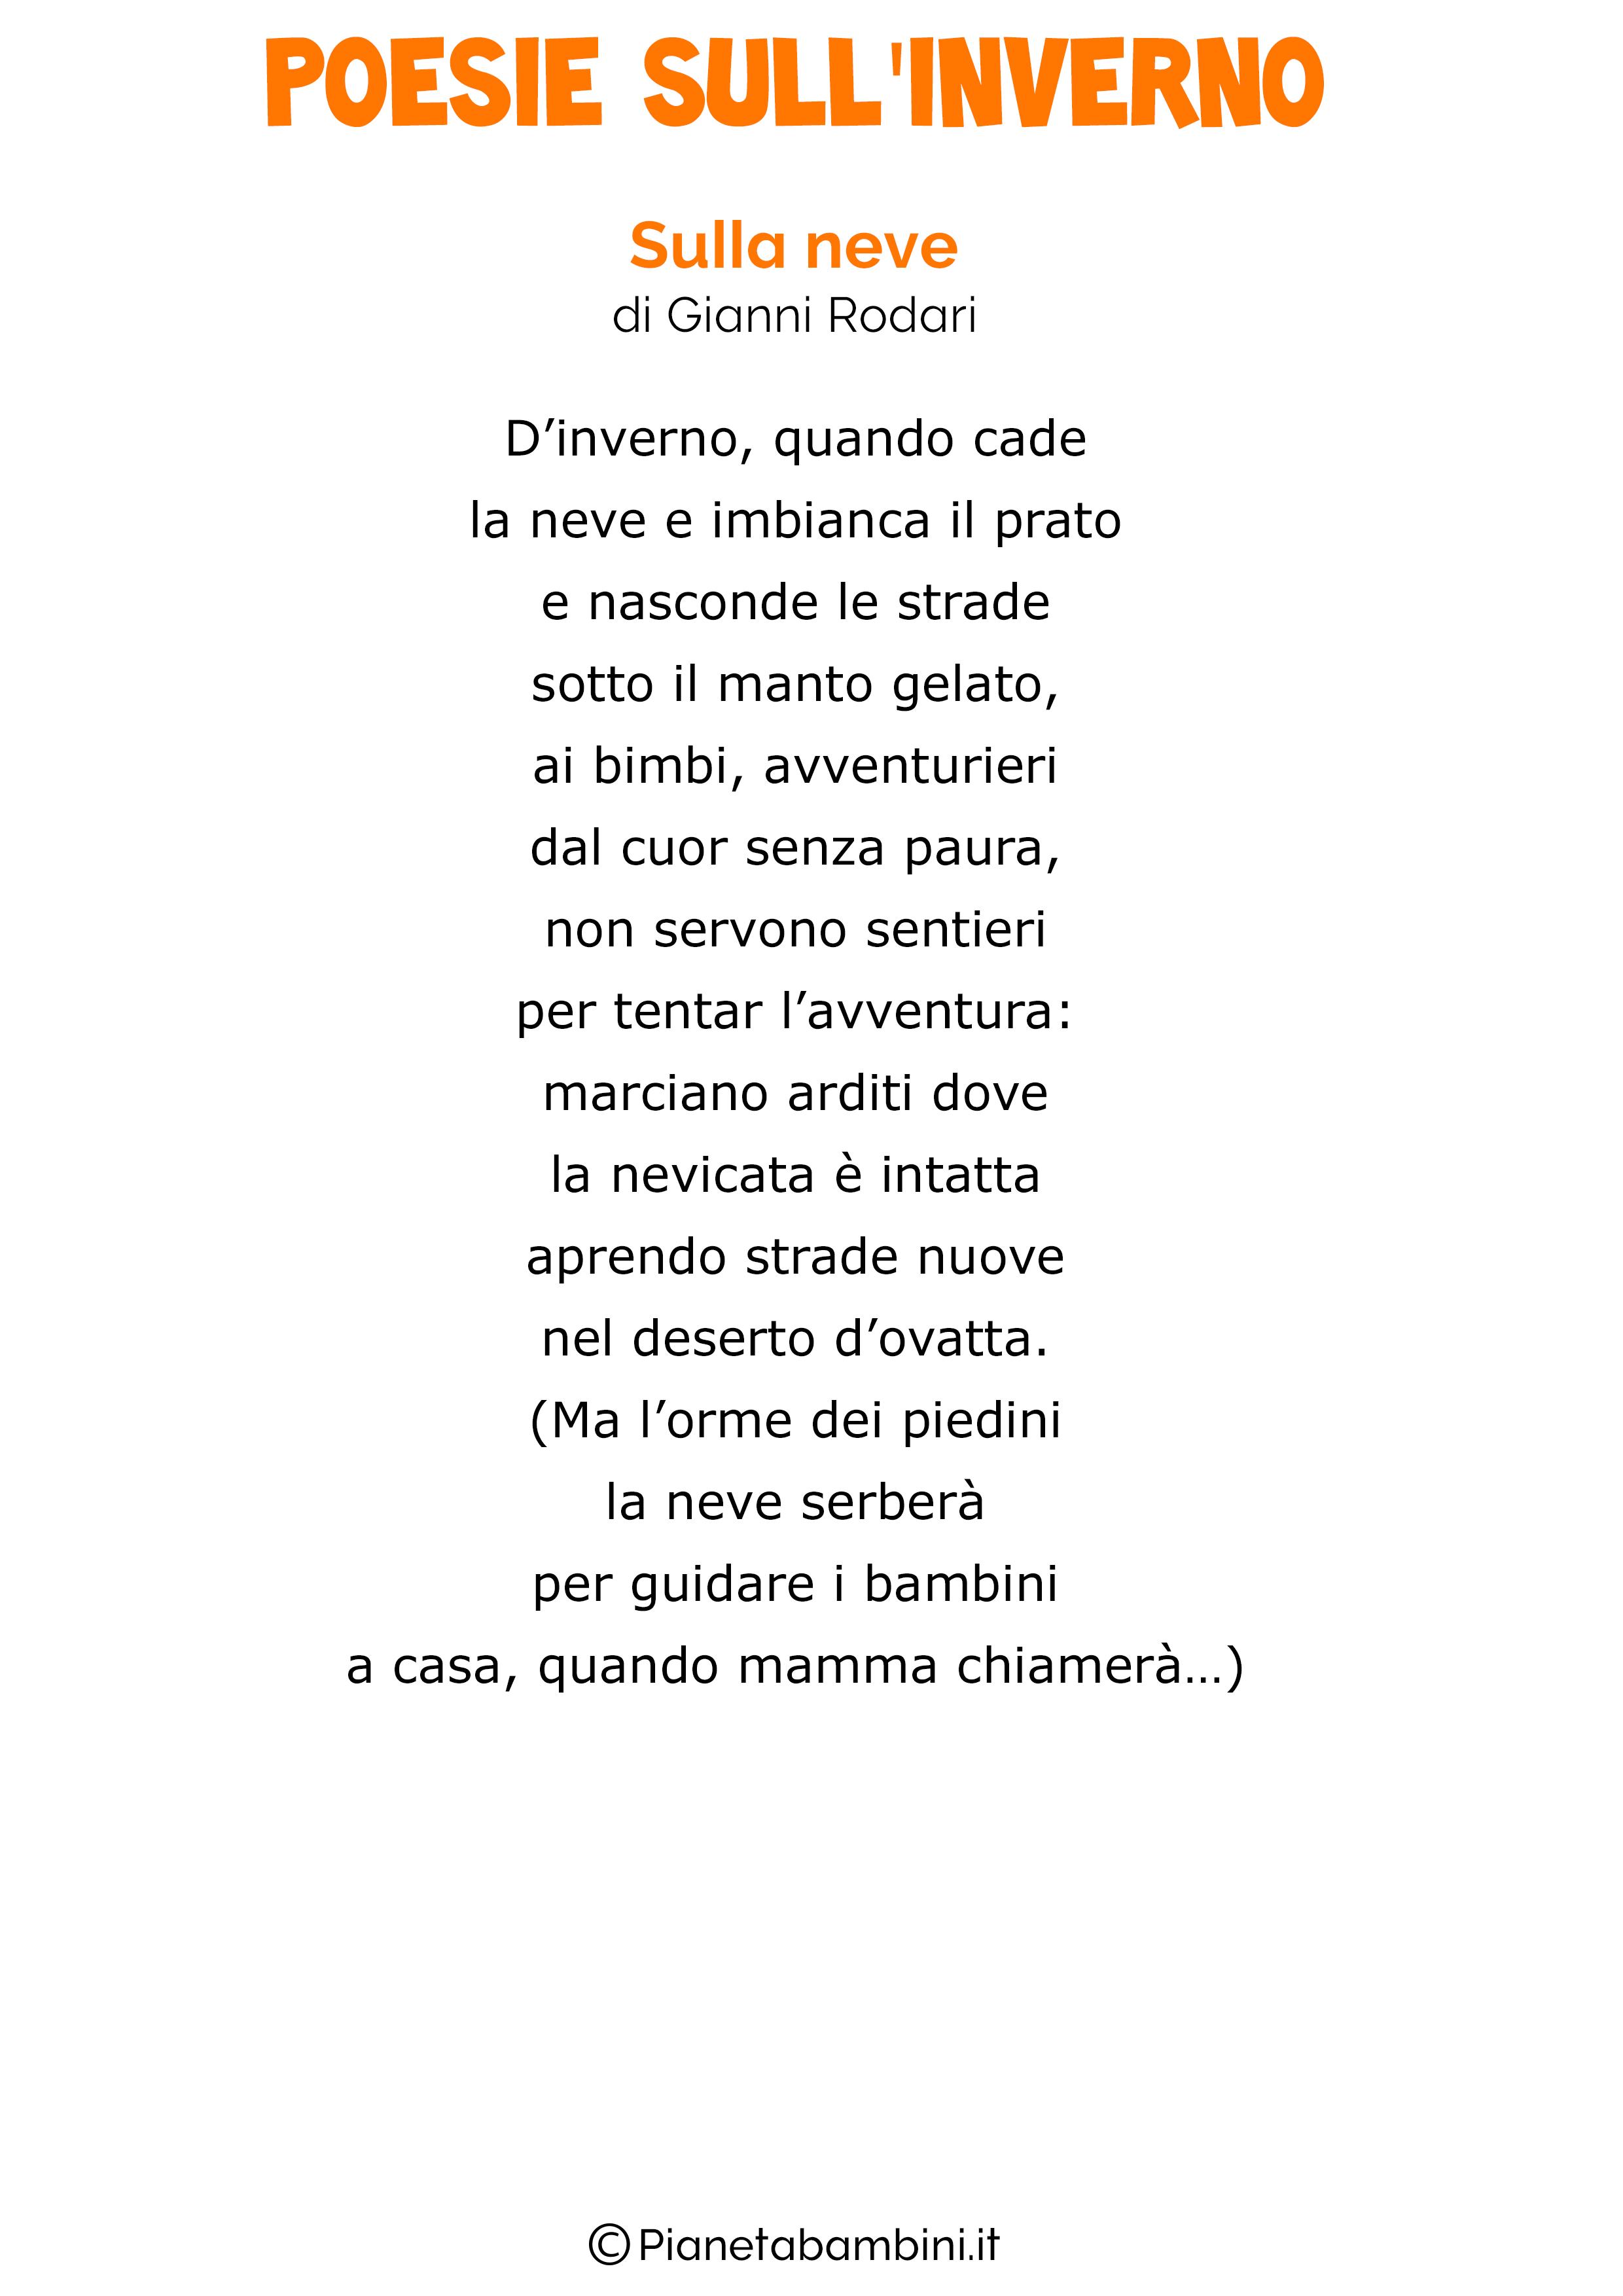 Eccezionale 40 Poesie sull'Inverno per Bambini | PianetaBambini.it XO56